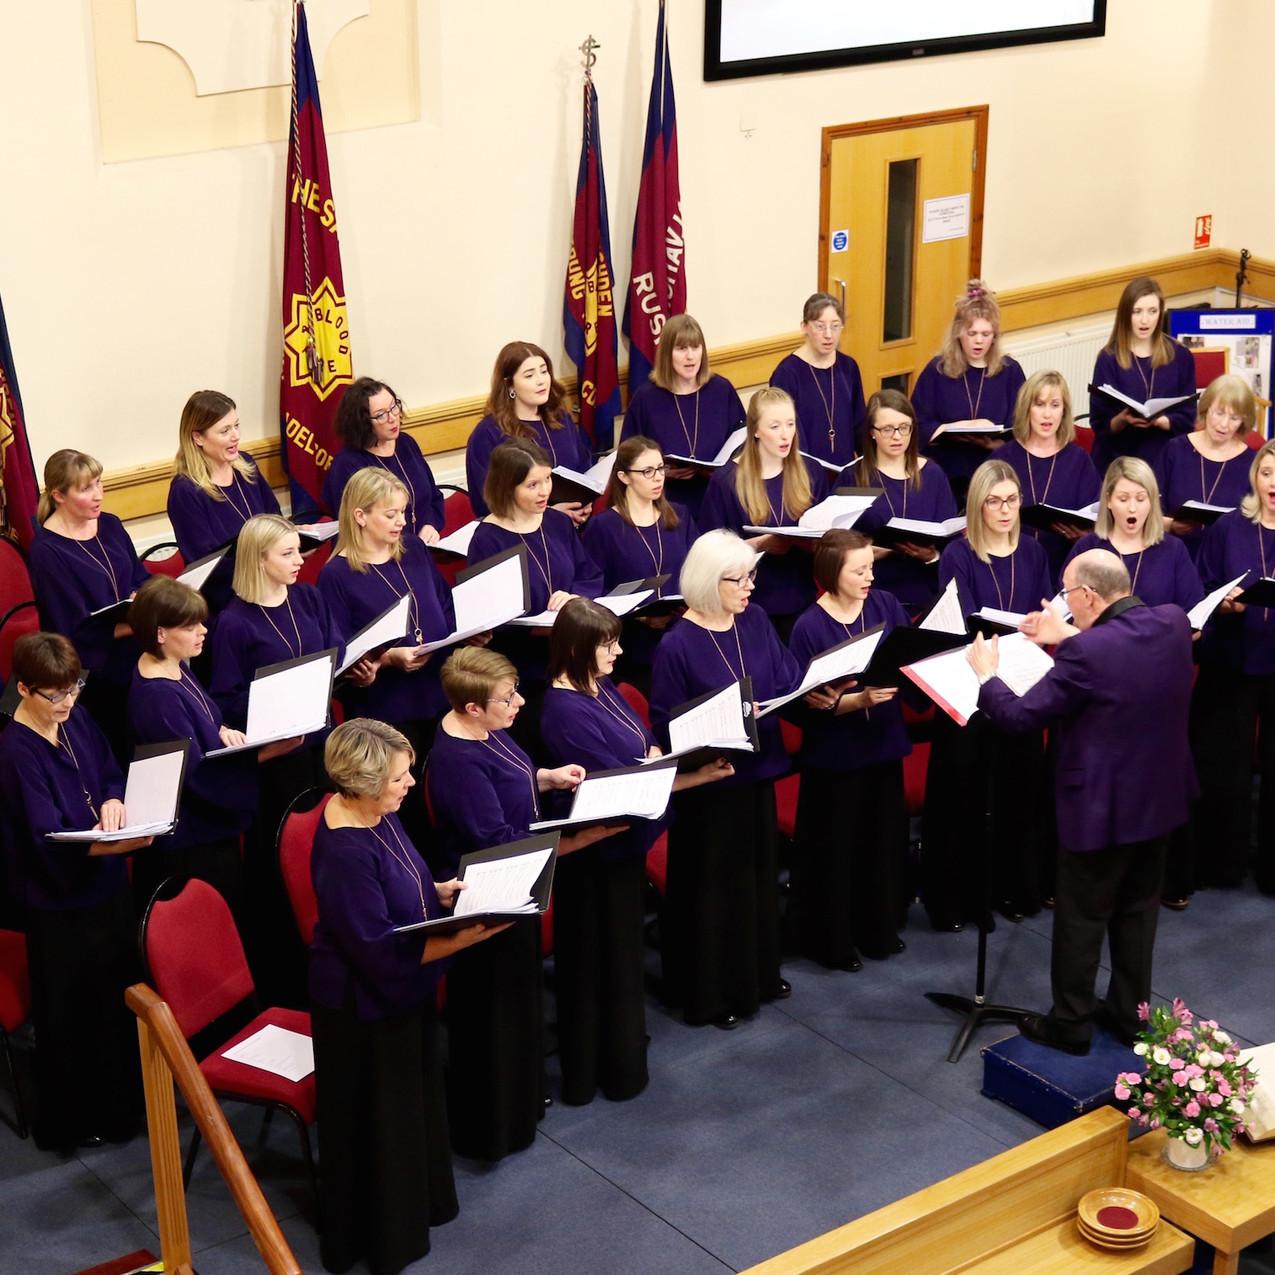 Belcanto performing in Rushden